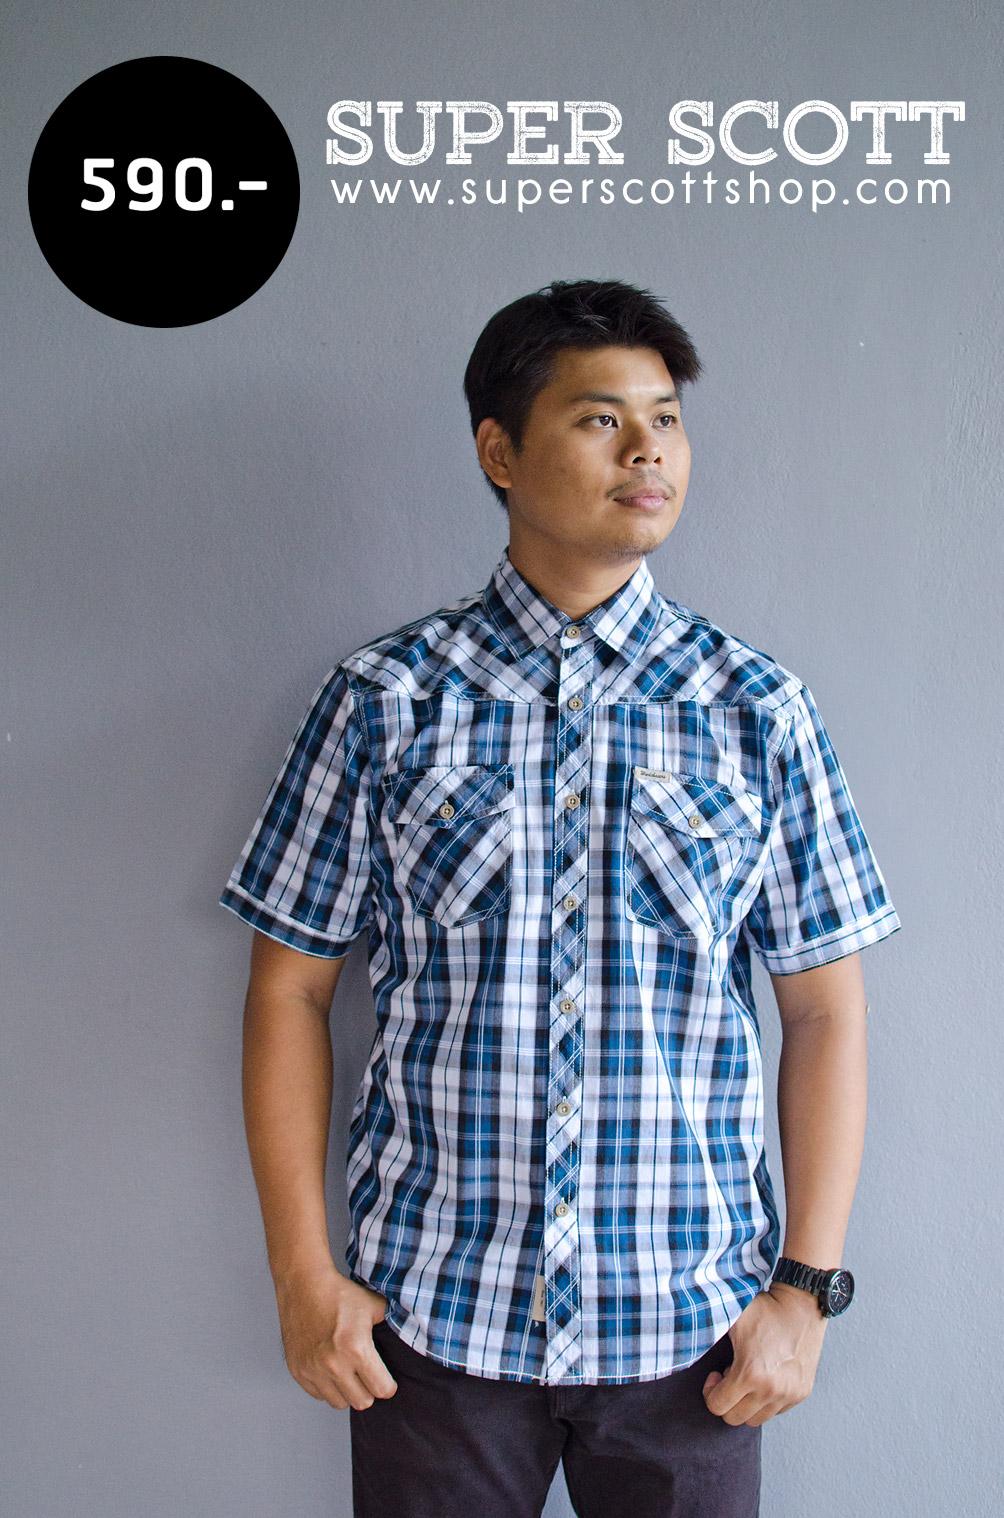 เสื้อเชิ้ตลายสก๊อตผู้ชาย สีน้ำเงิน แขนสั้น ไซส์ใหญ่